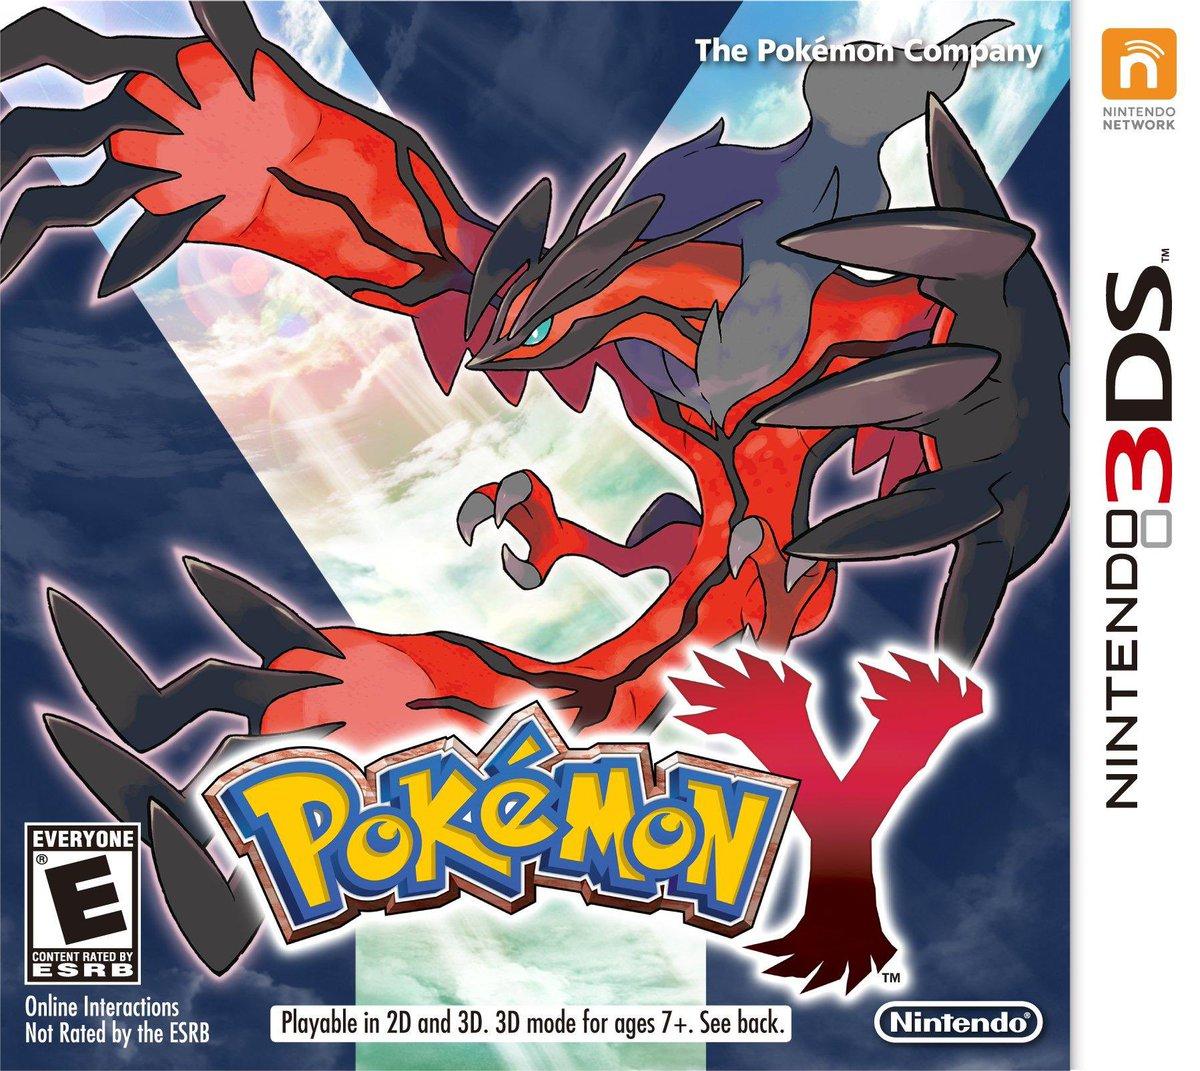 Pokémon day :) #Pokemon25